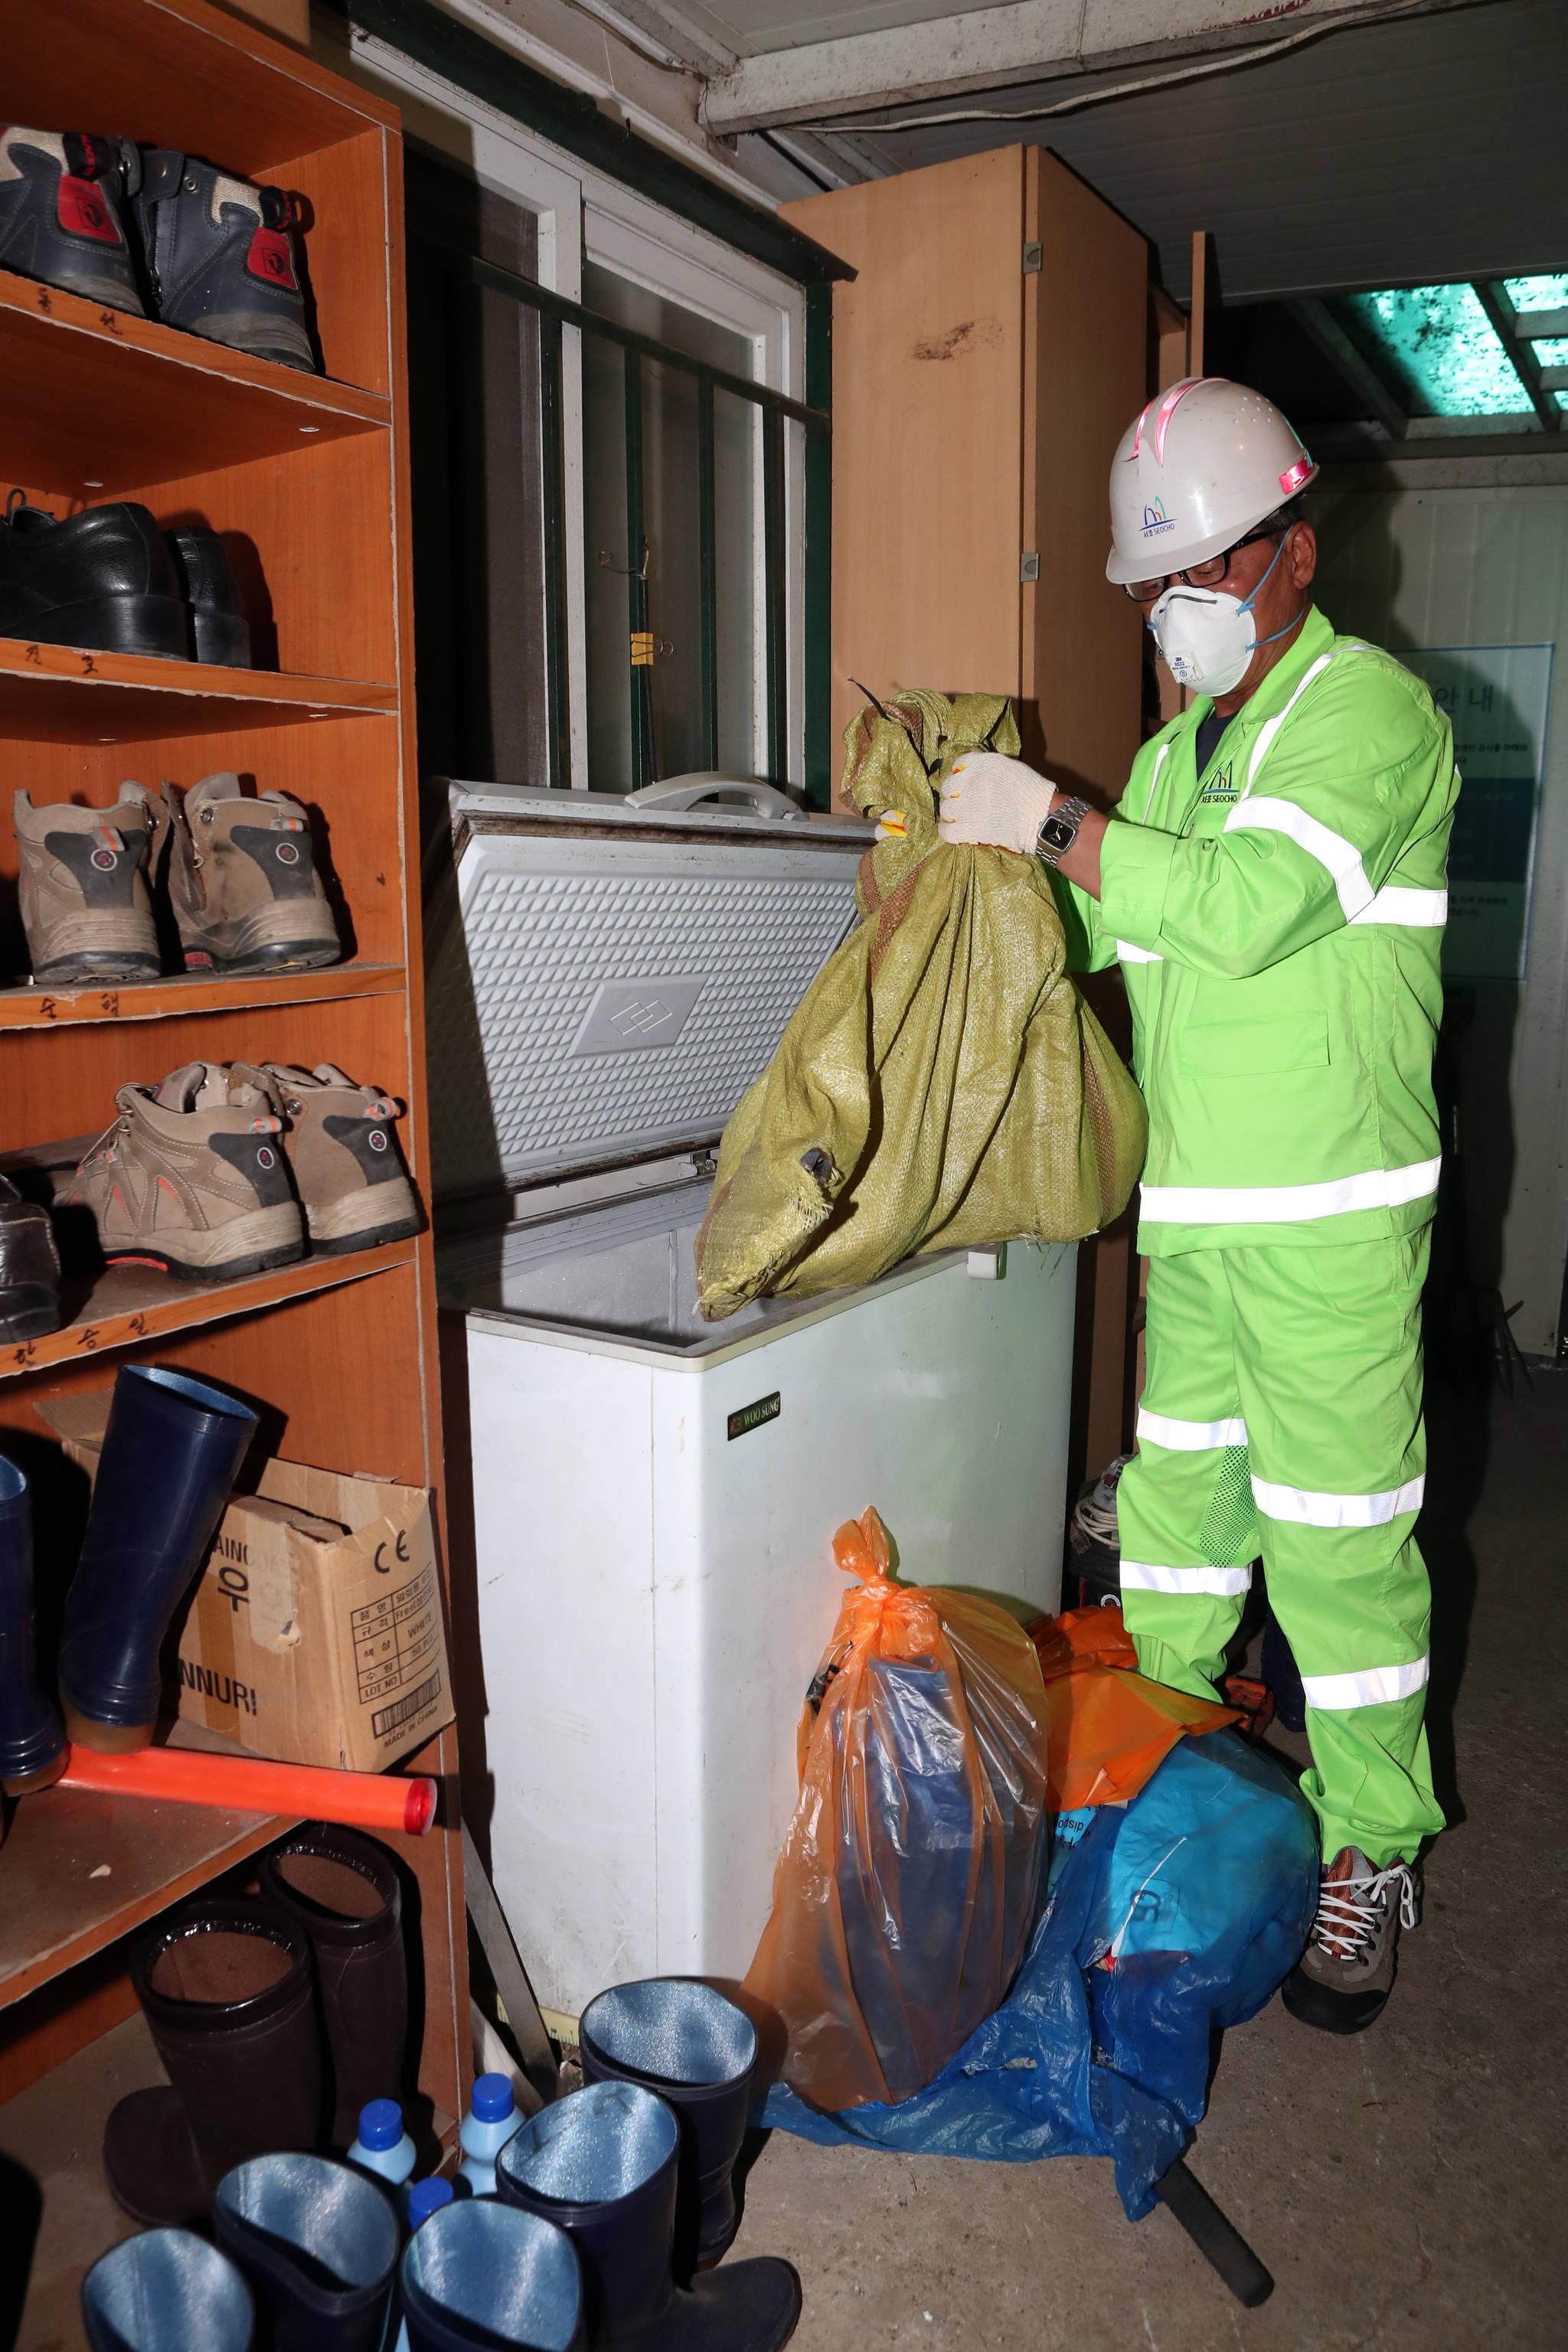 서울 서초구의 환경미화원이 23일 서초구 환경미회원 휴게소의 냉장고에서 동물들의 사체를 꺼내고 있다. 최정동 기자